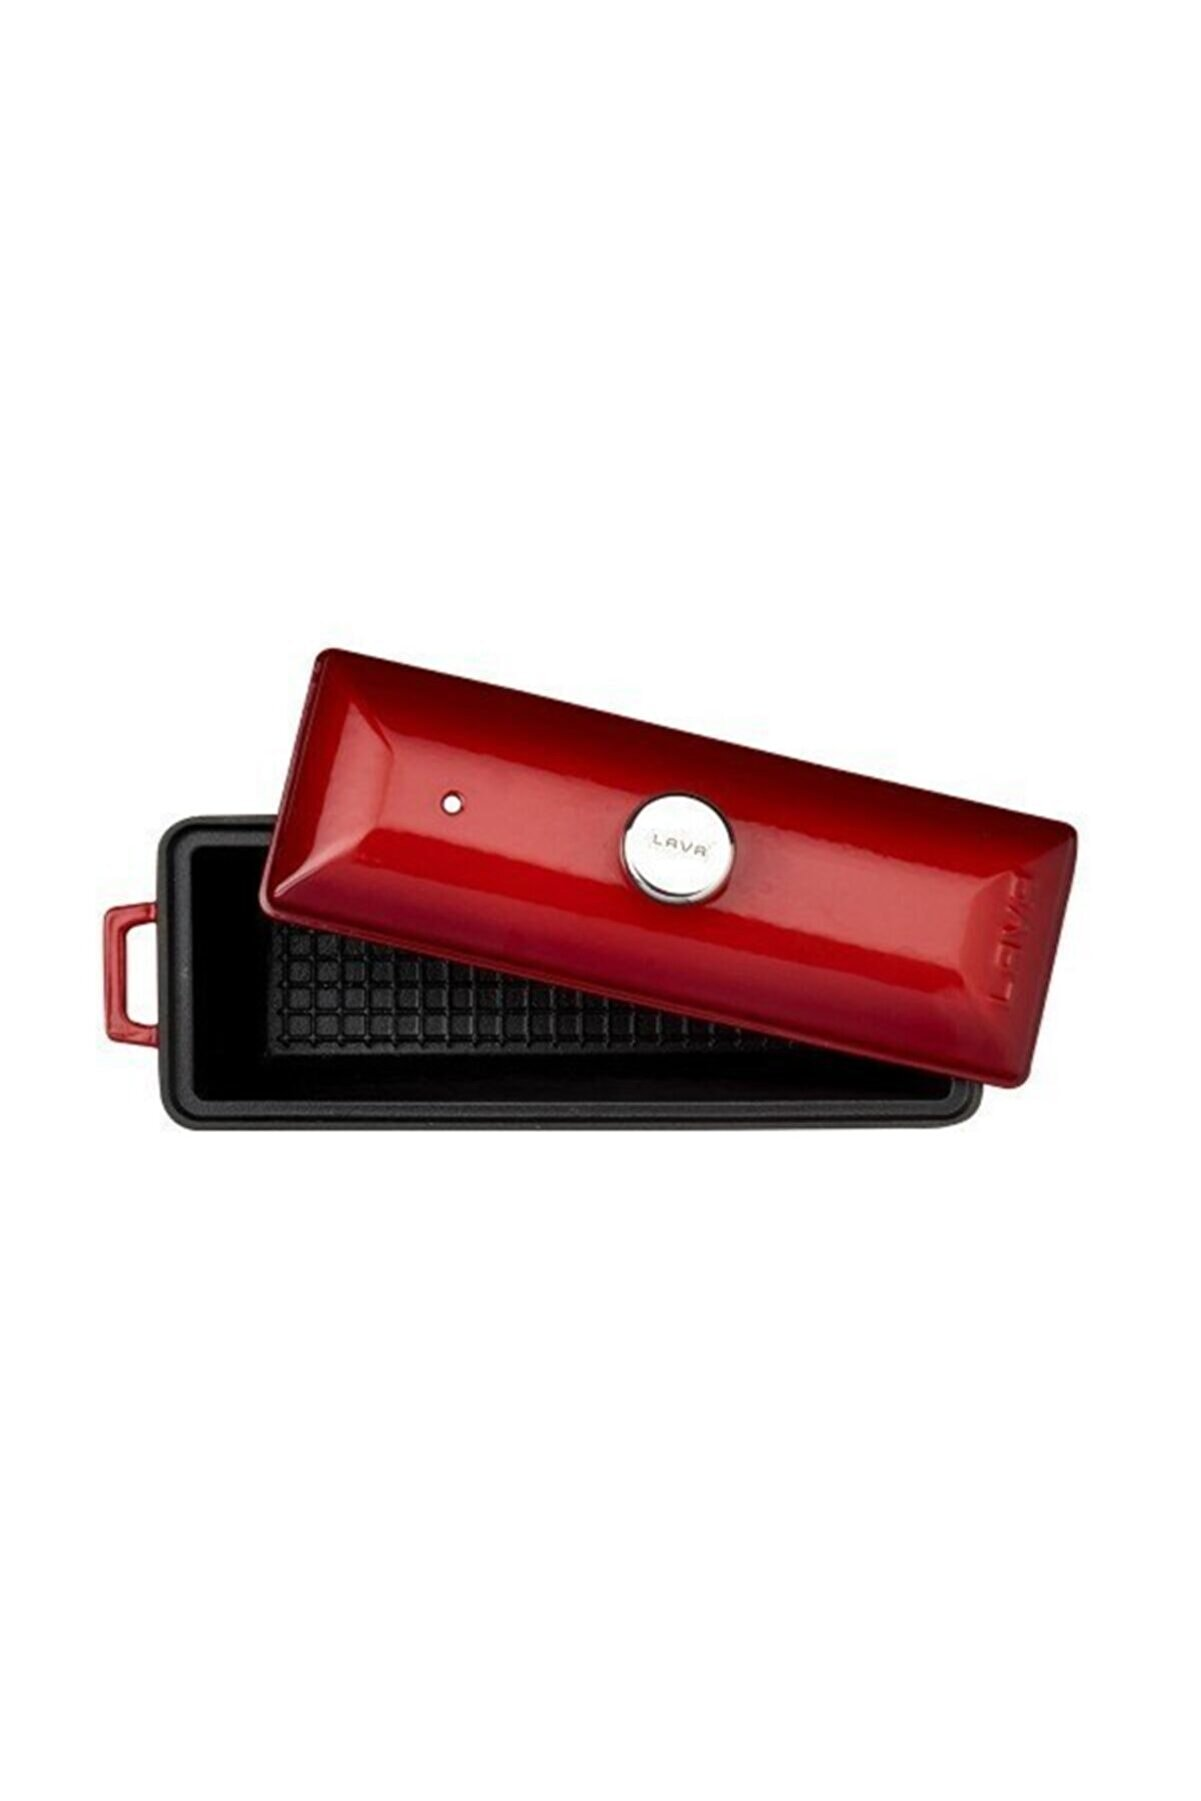 Lava Ekmek Kabı / Terrine. Ölçü 11x29cm. - Kırmızı